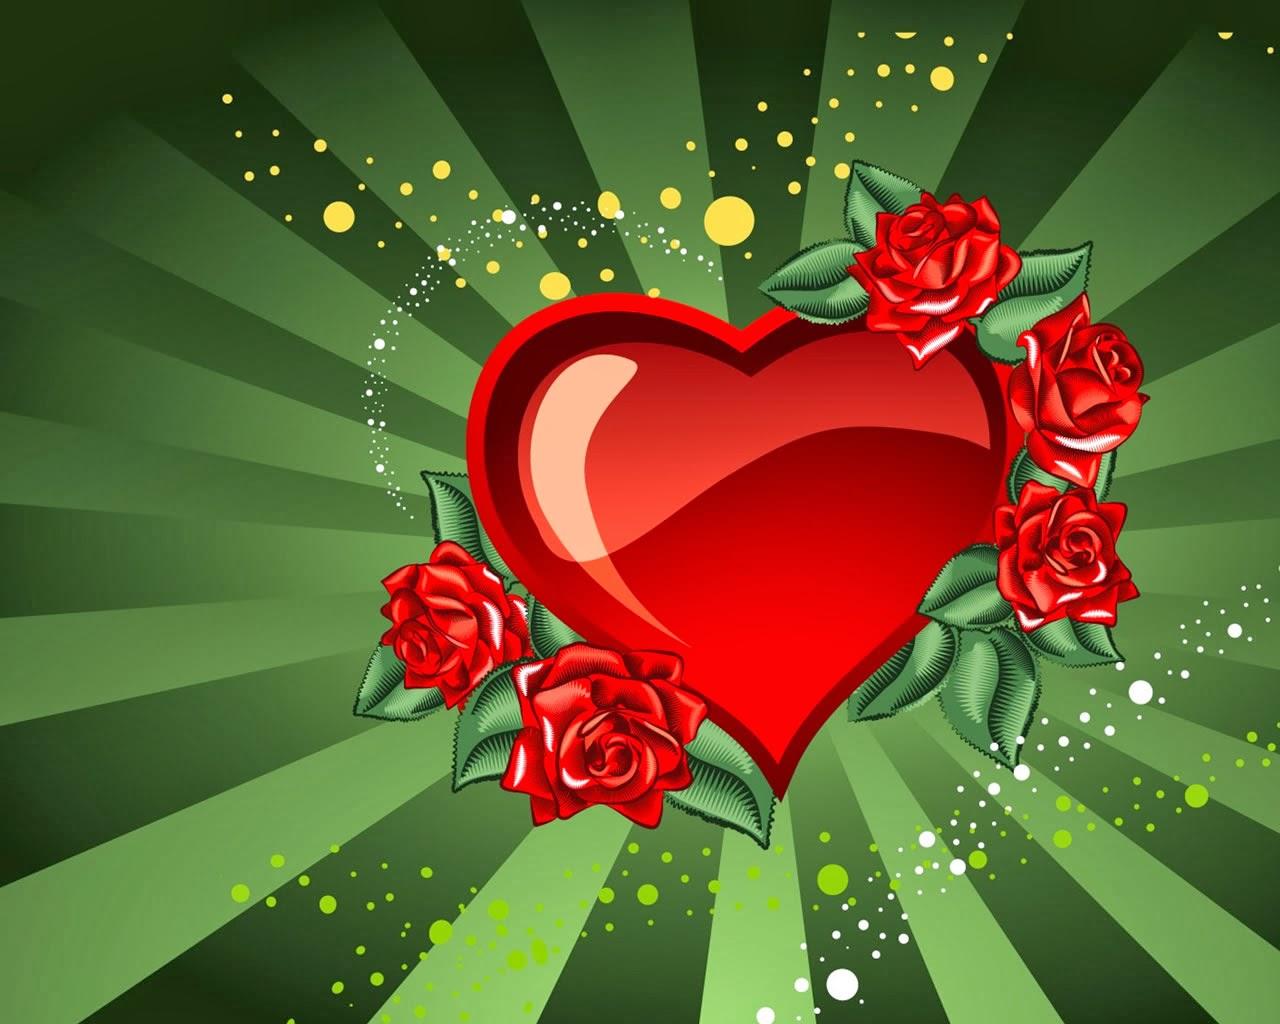 Imagenes Con Frases Bonitas De Amor Gratis: Imagenes Bonitas Con Frases De Amor Y Corazones